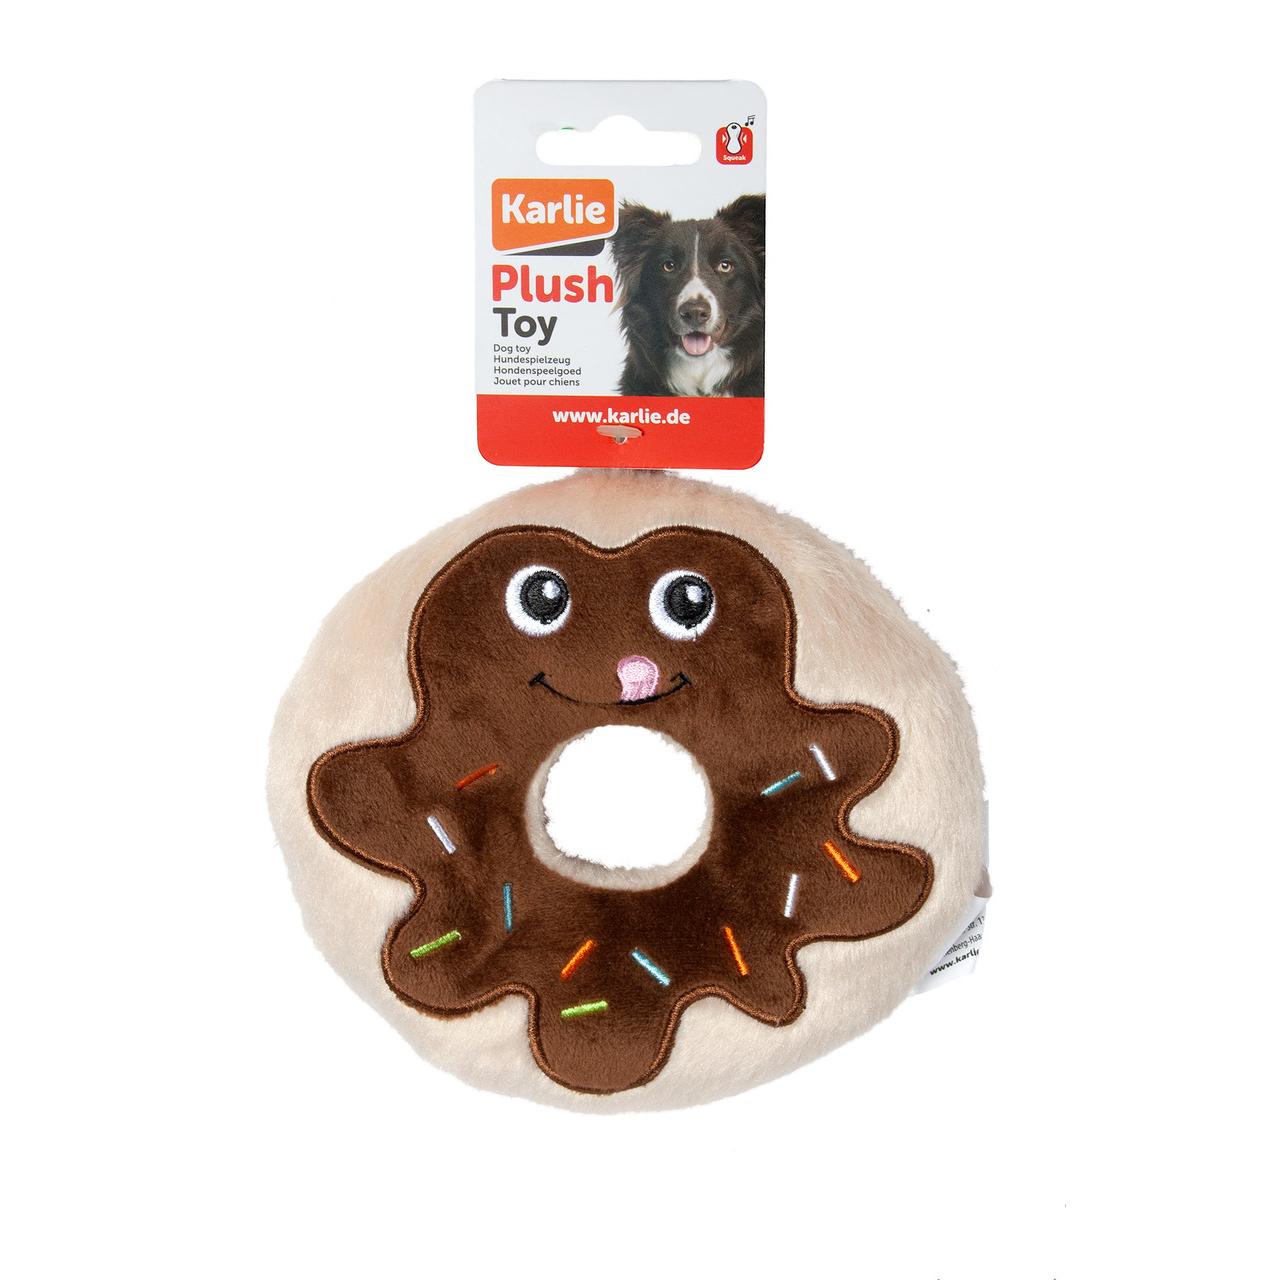 Karlie Flamingo Hundespielzeug aus Plüsch Schoko Donut